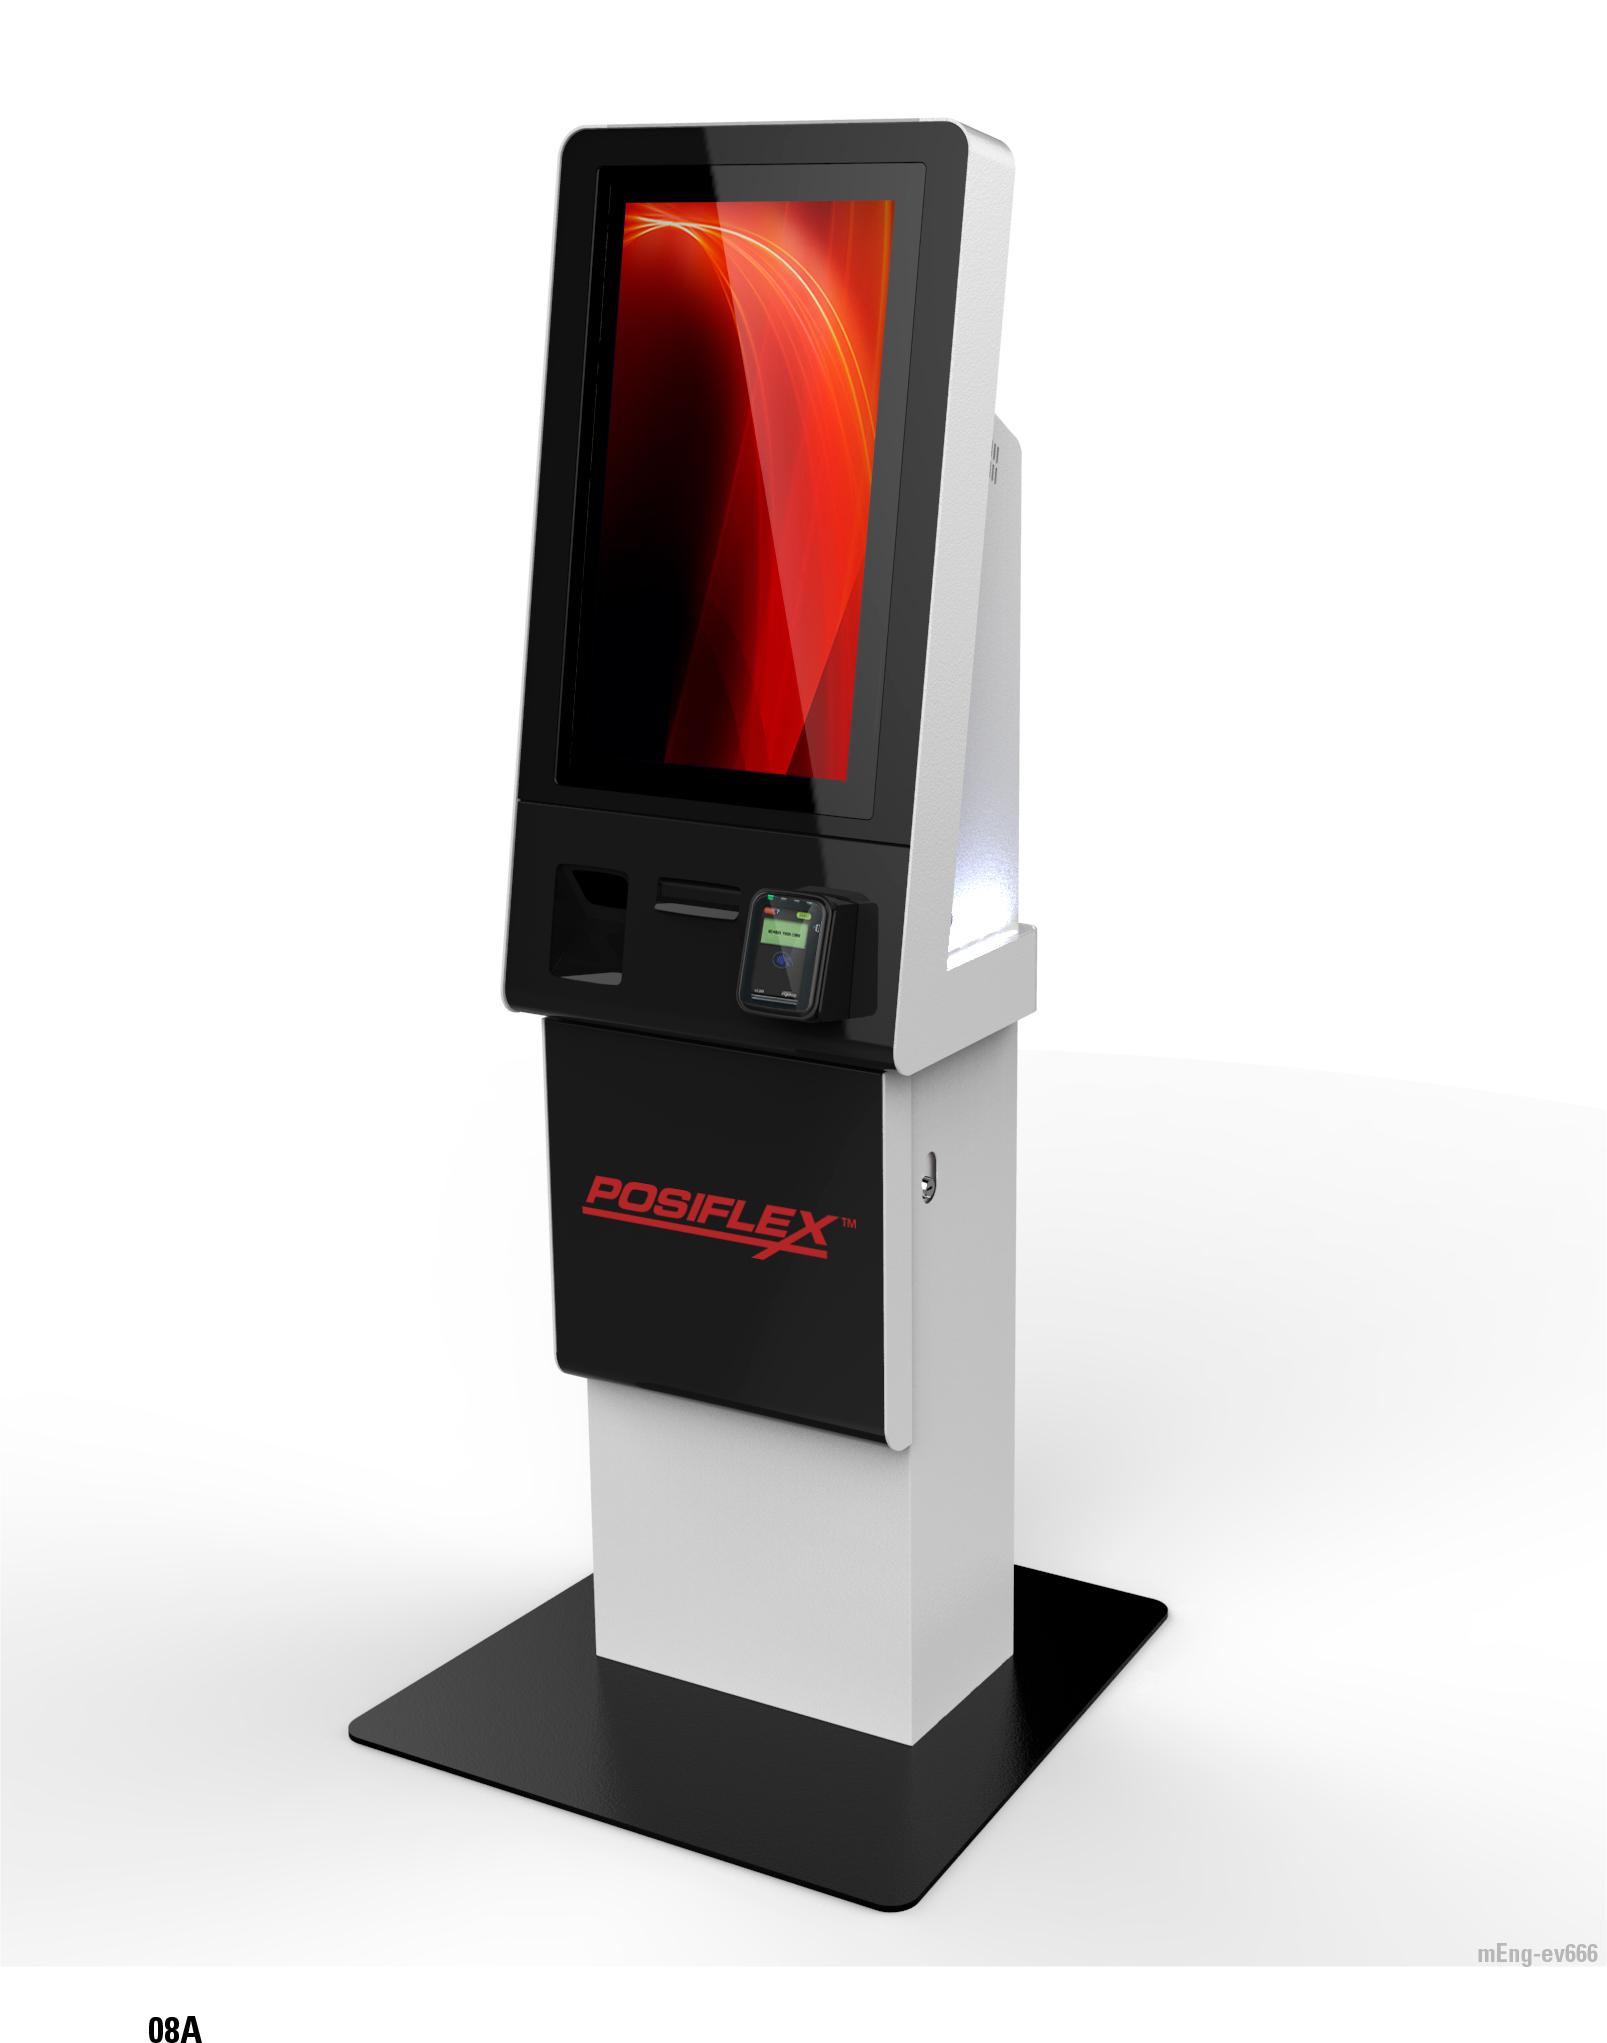 Il chiosco self-service Posiflex serie KK-2130 (foto: Business Wire)